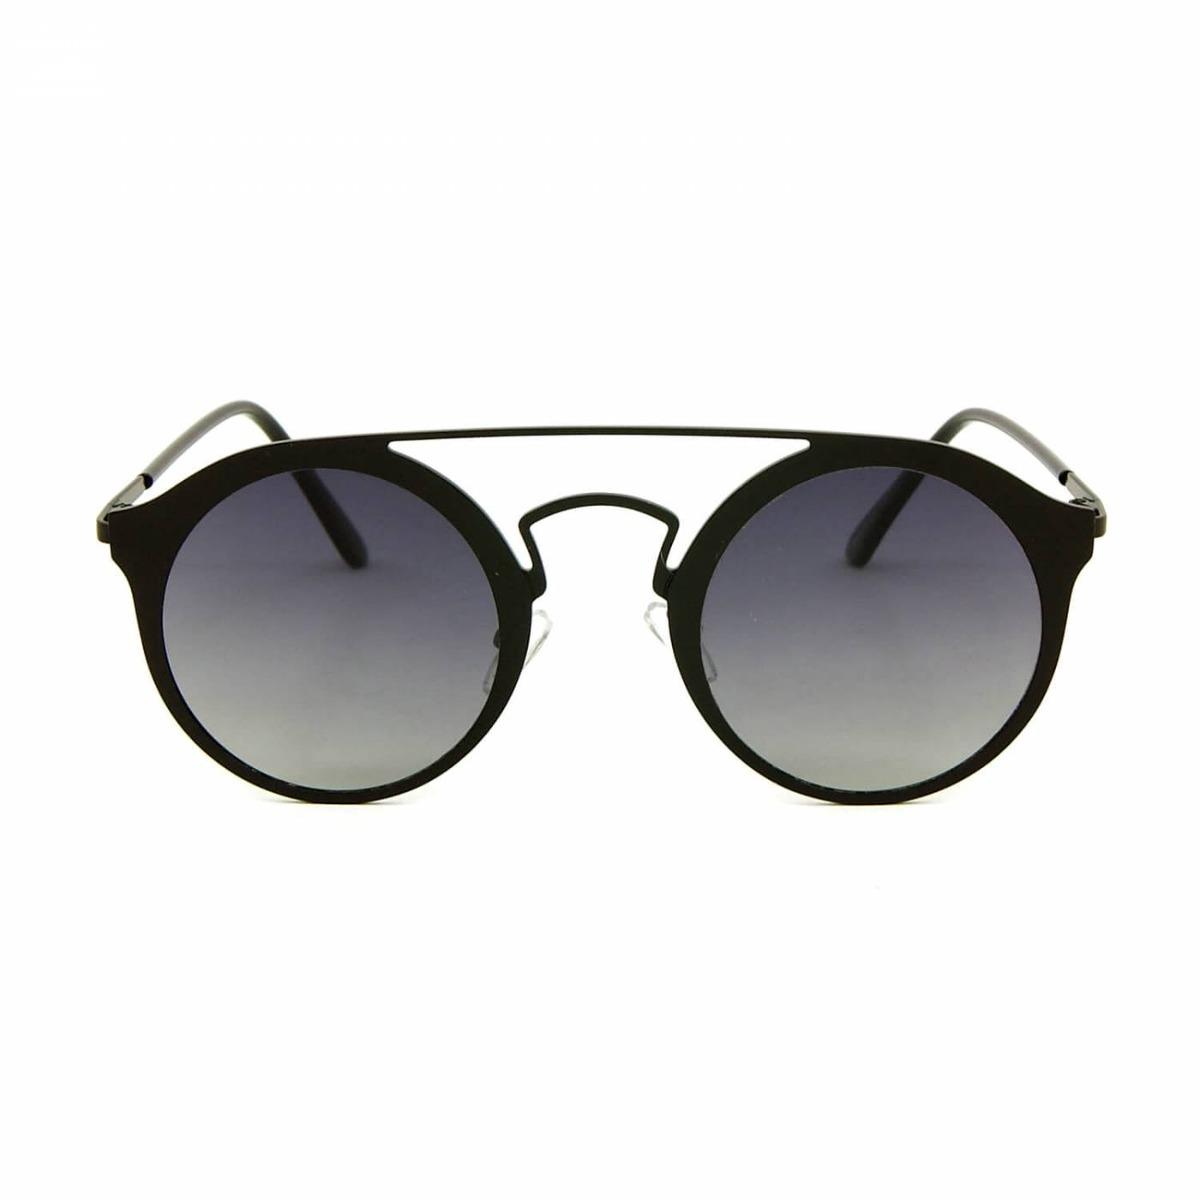 f96c42ed5c89d óculos de sol estilo top bar redondo preto. Carregando zoom.